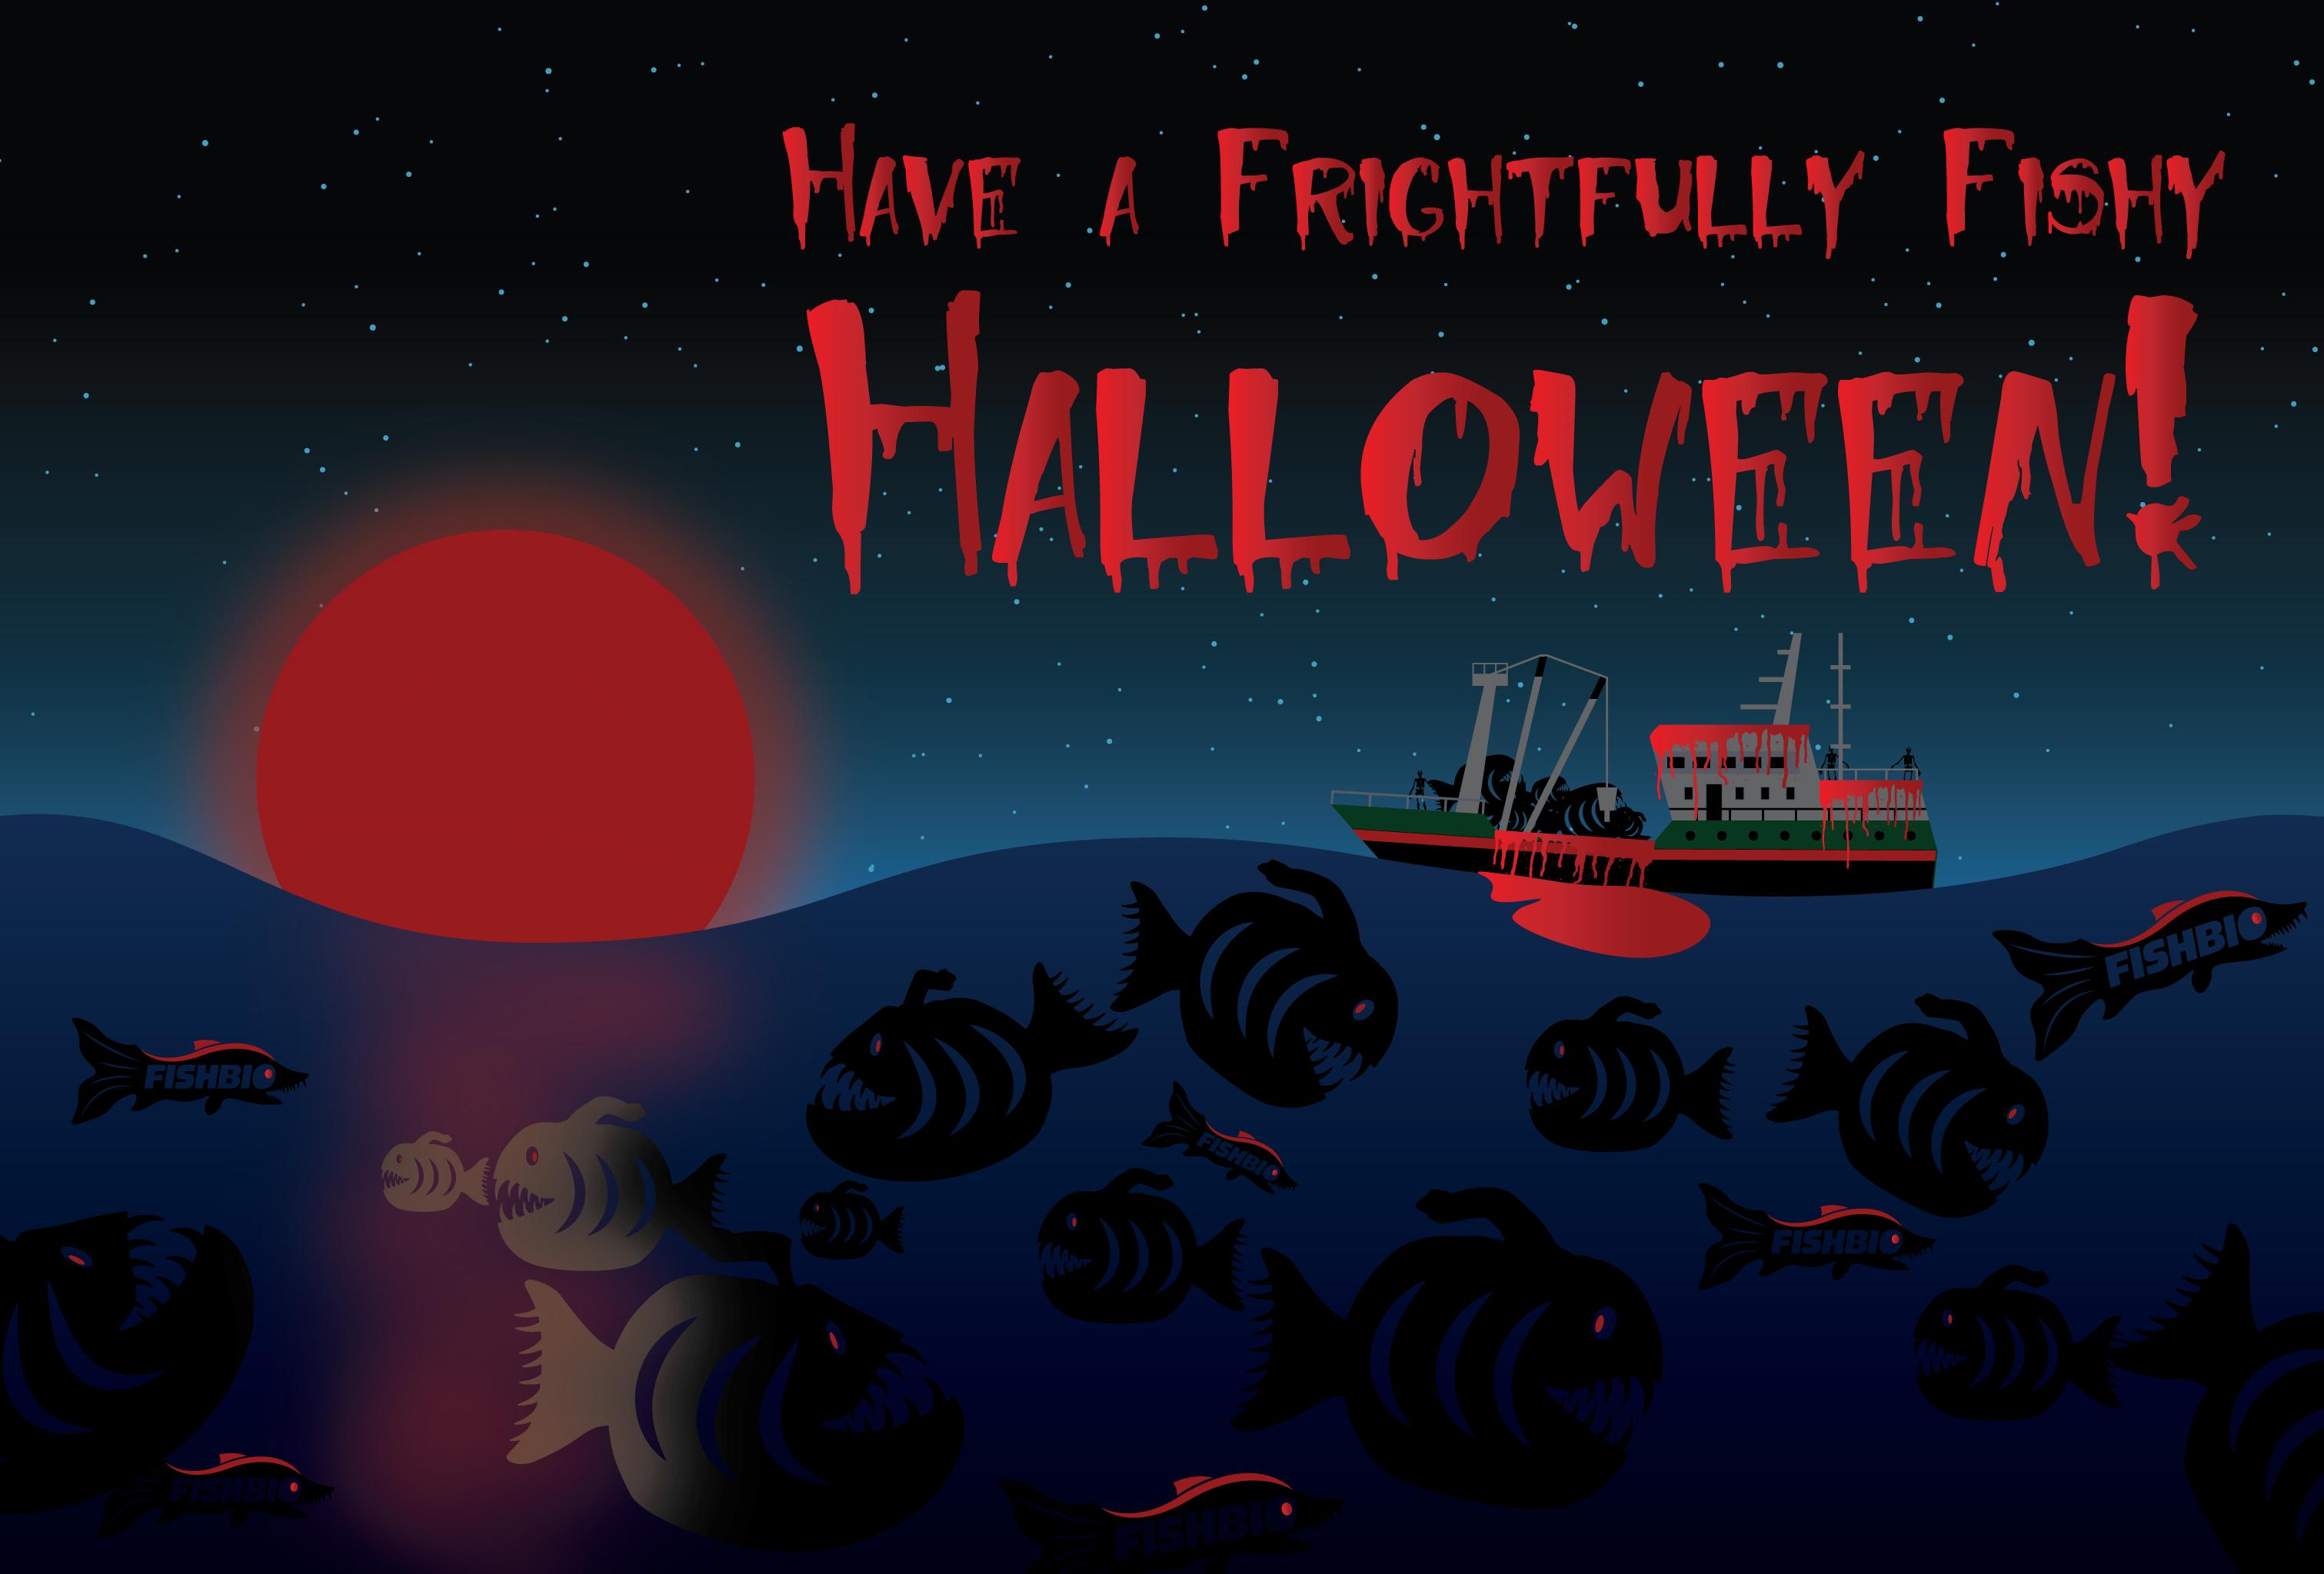 2020HolidayCard_Halloween-02